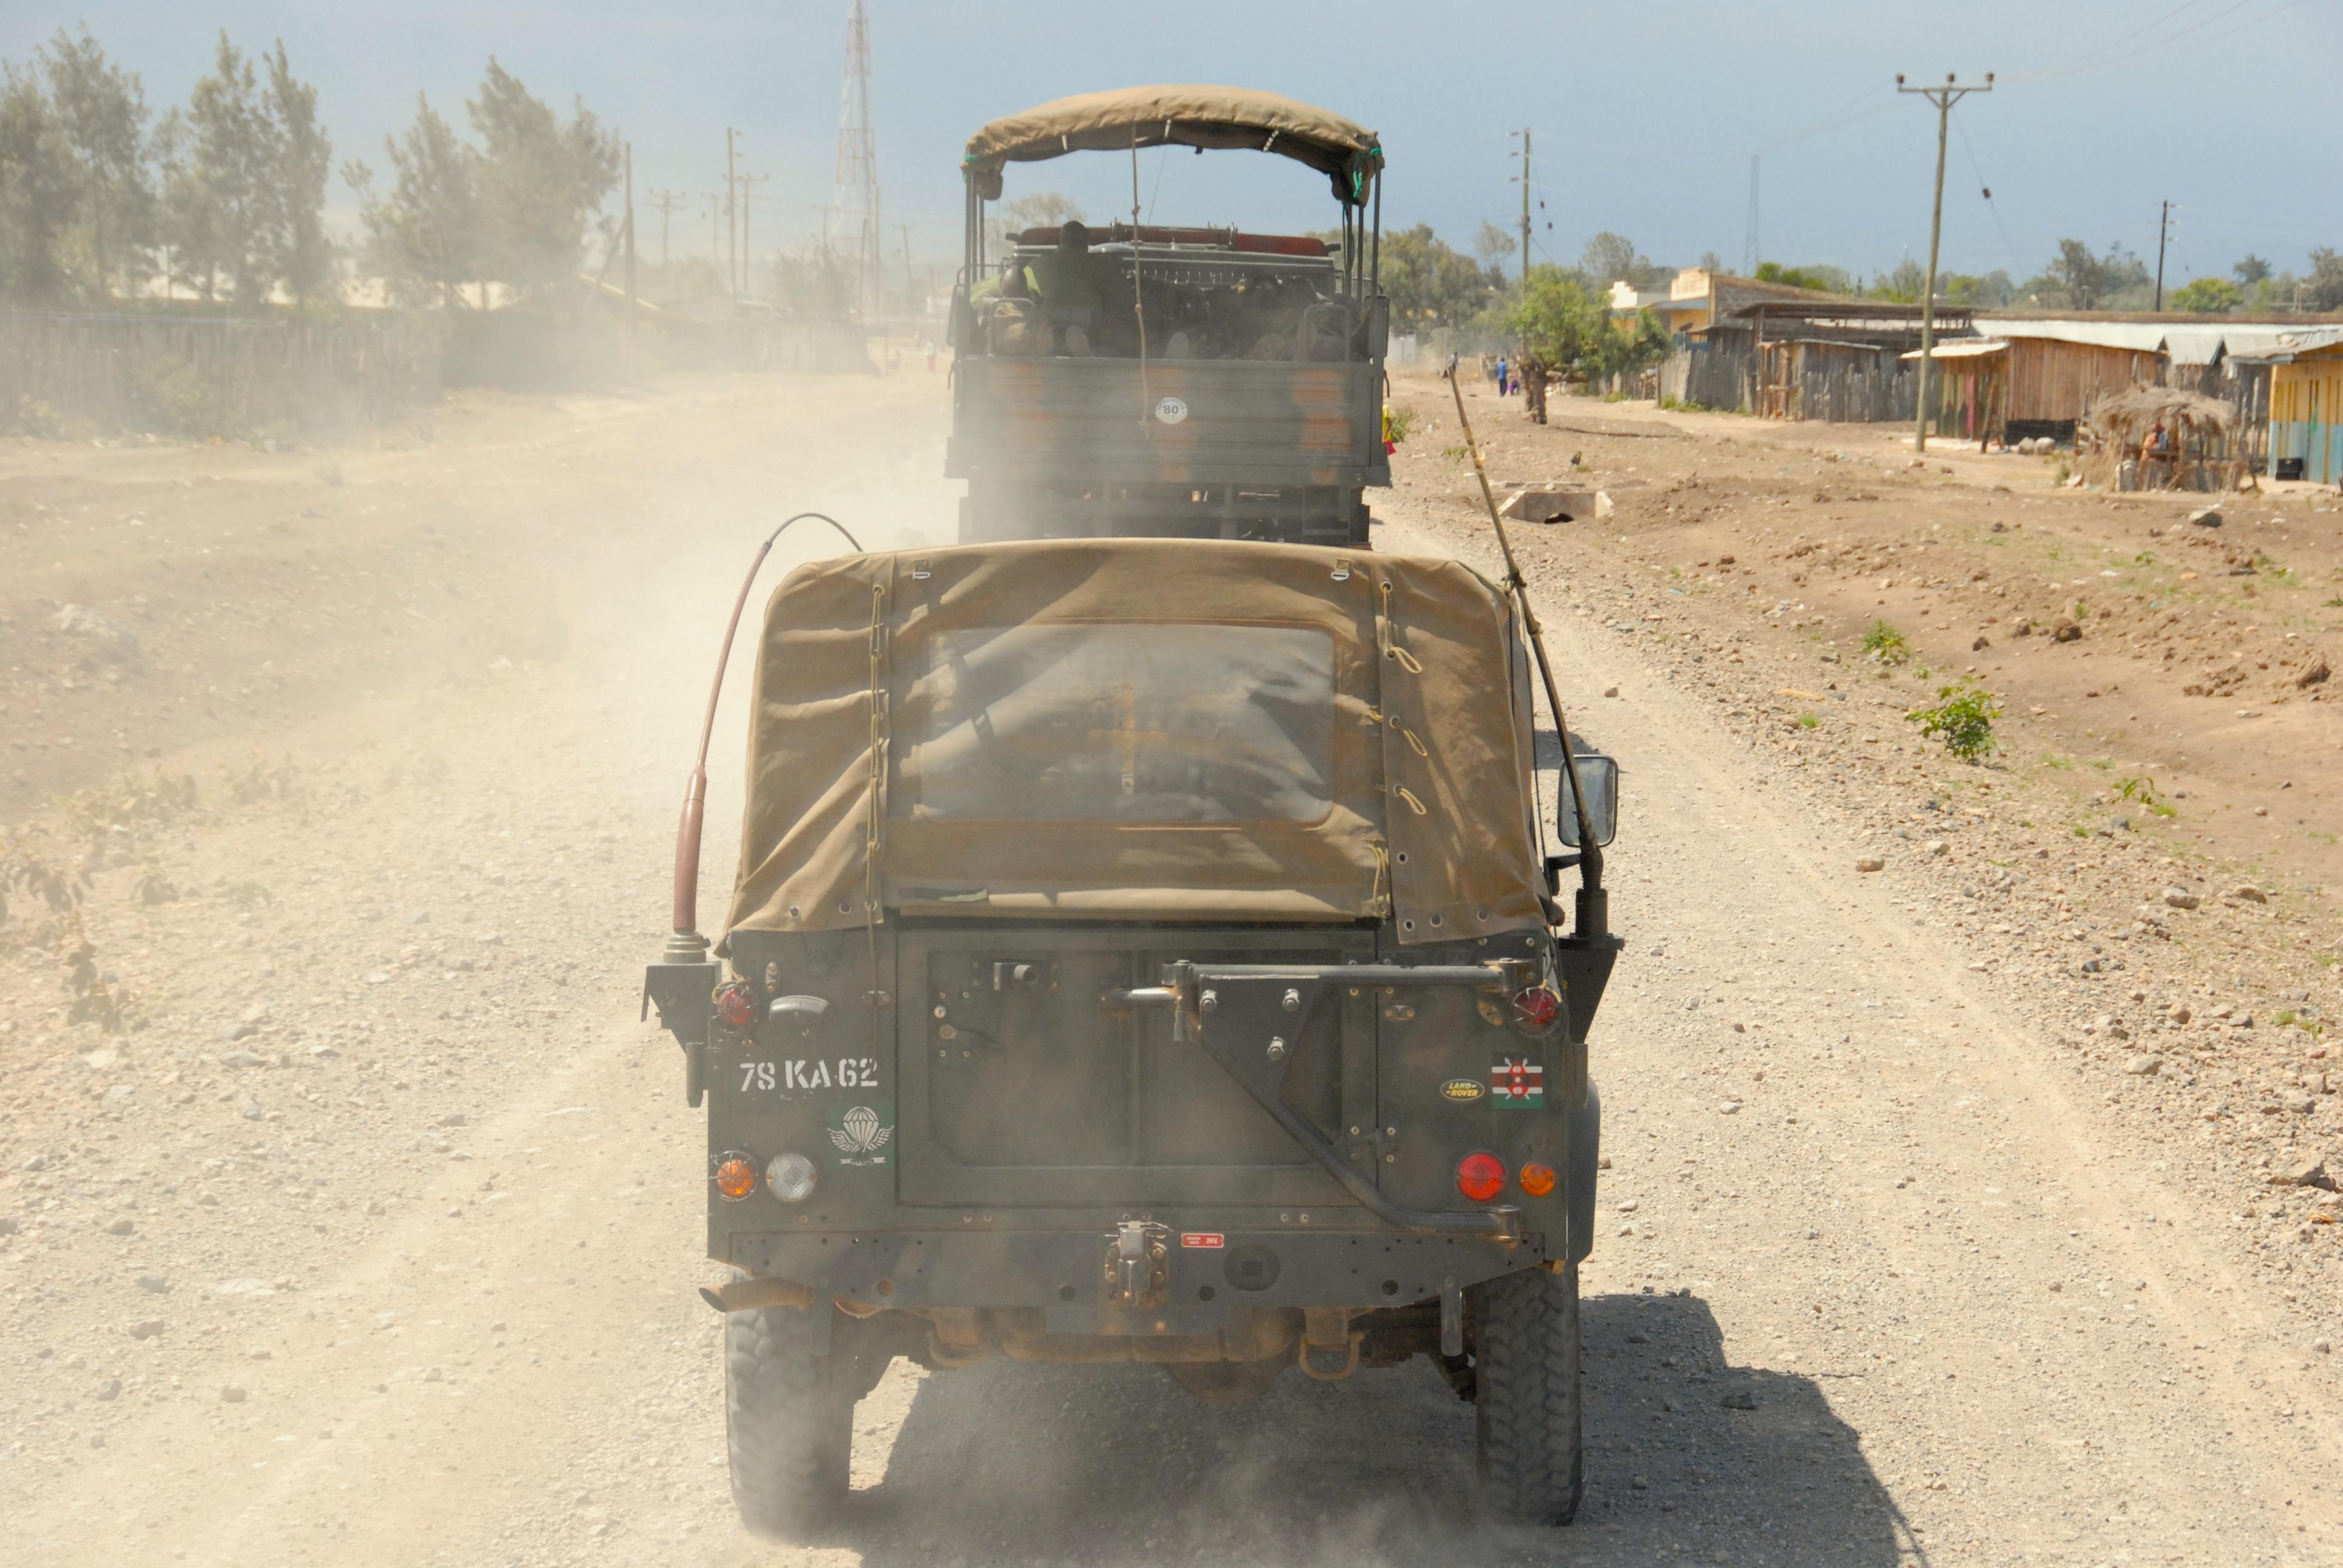 Postcard from…Dadaab